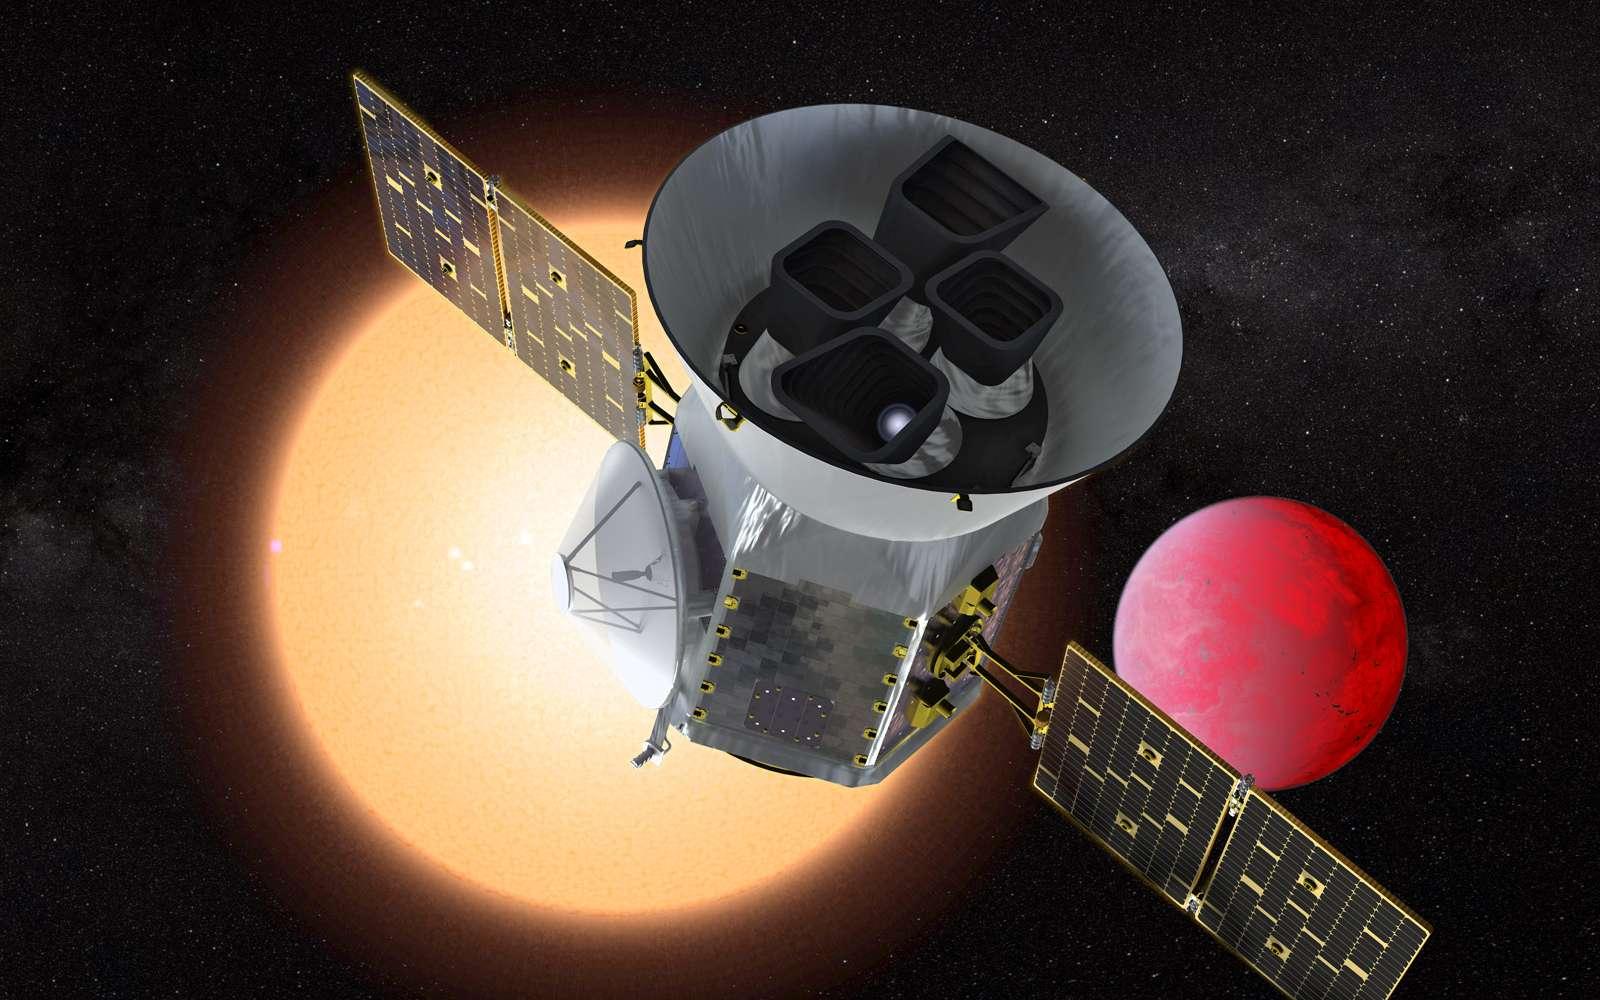 Une vue d'artiste du satellite Tess lancé en avril 2018. © NASA, GSFC